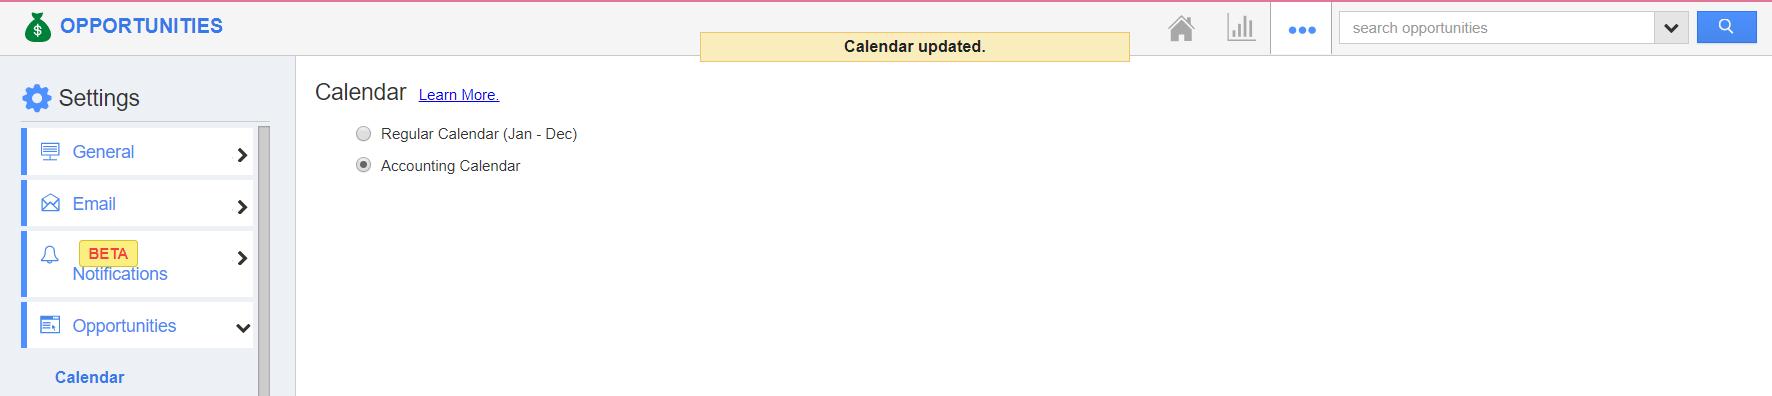 Opportunities Calendar Updated